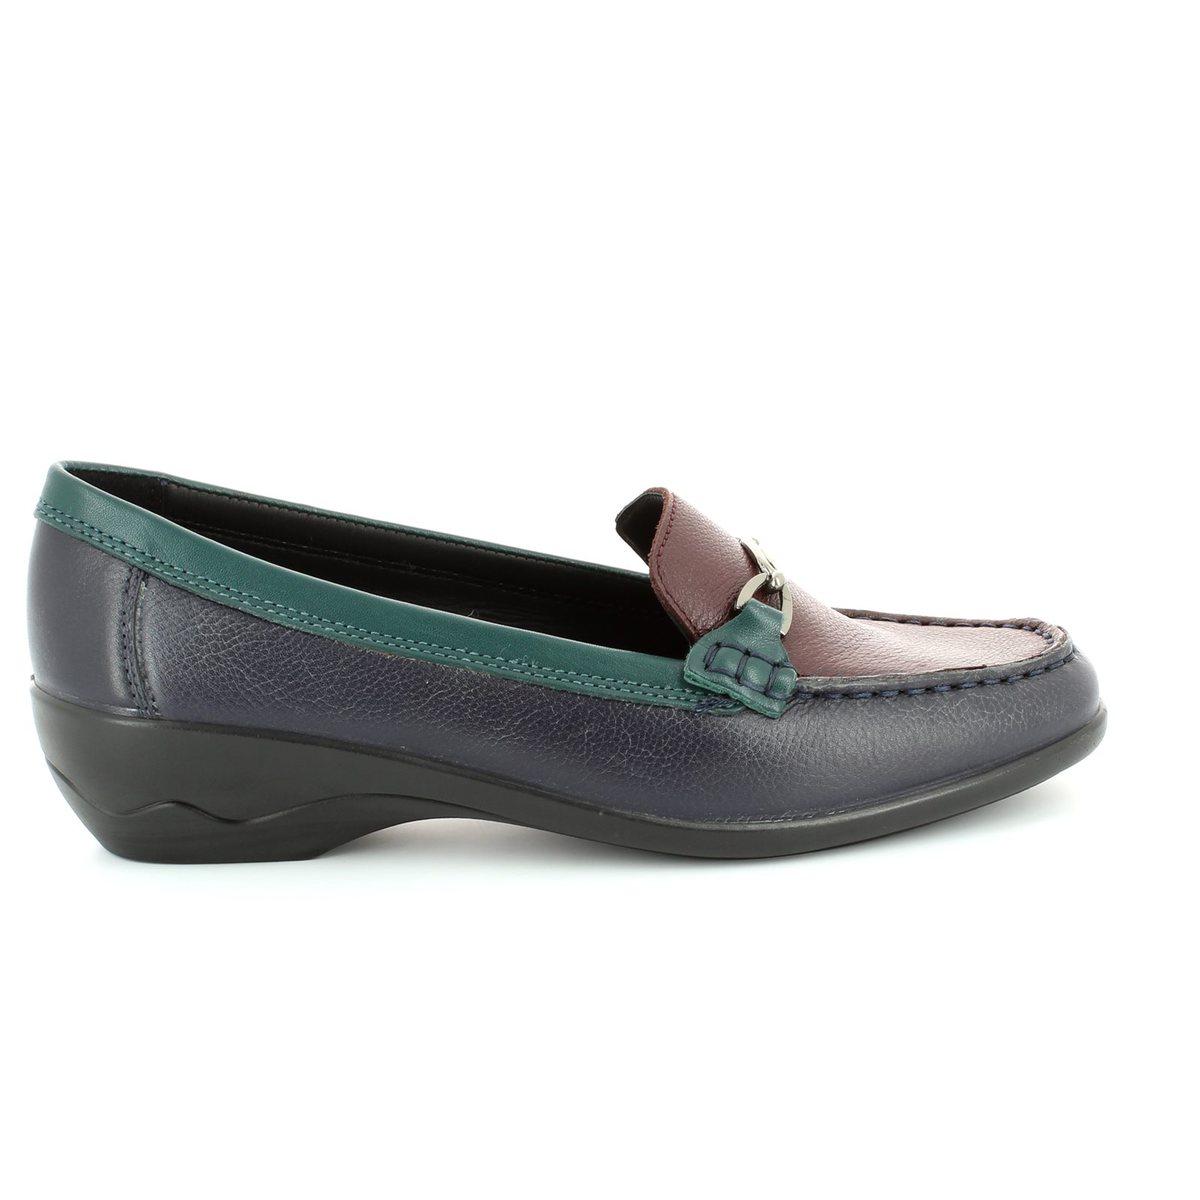 daa01ed3bee Padders Ellen 2E Fit 279-27 Navy-Green-wine loafers